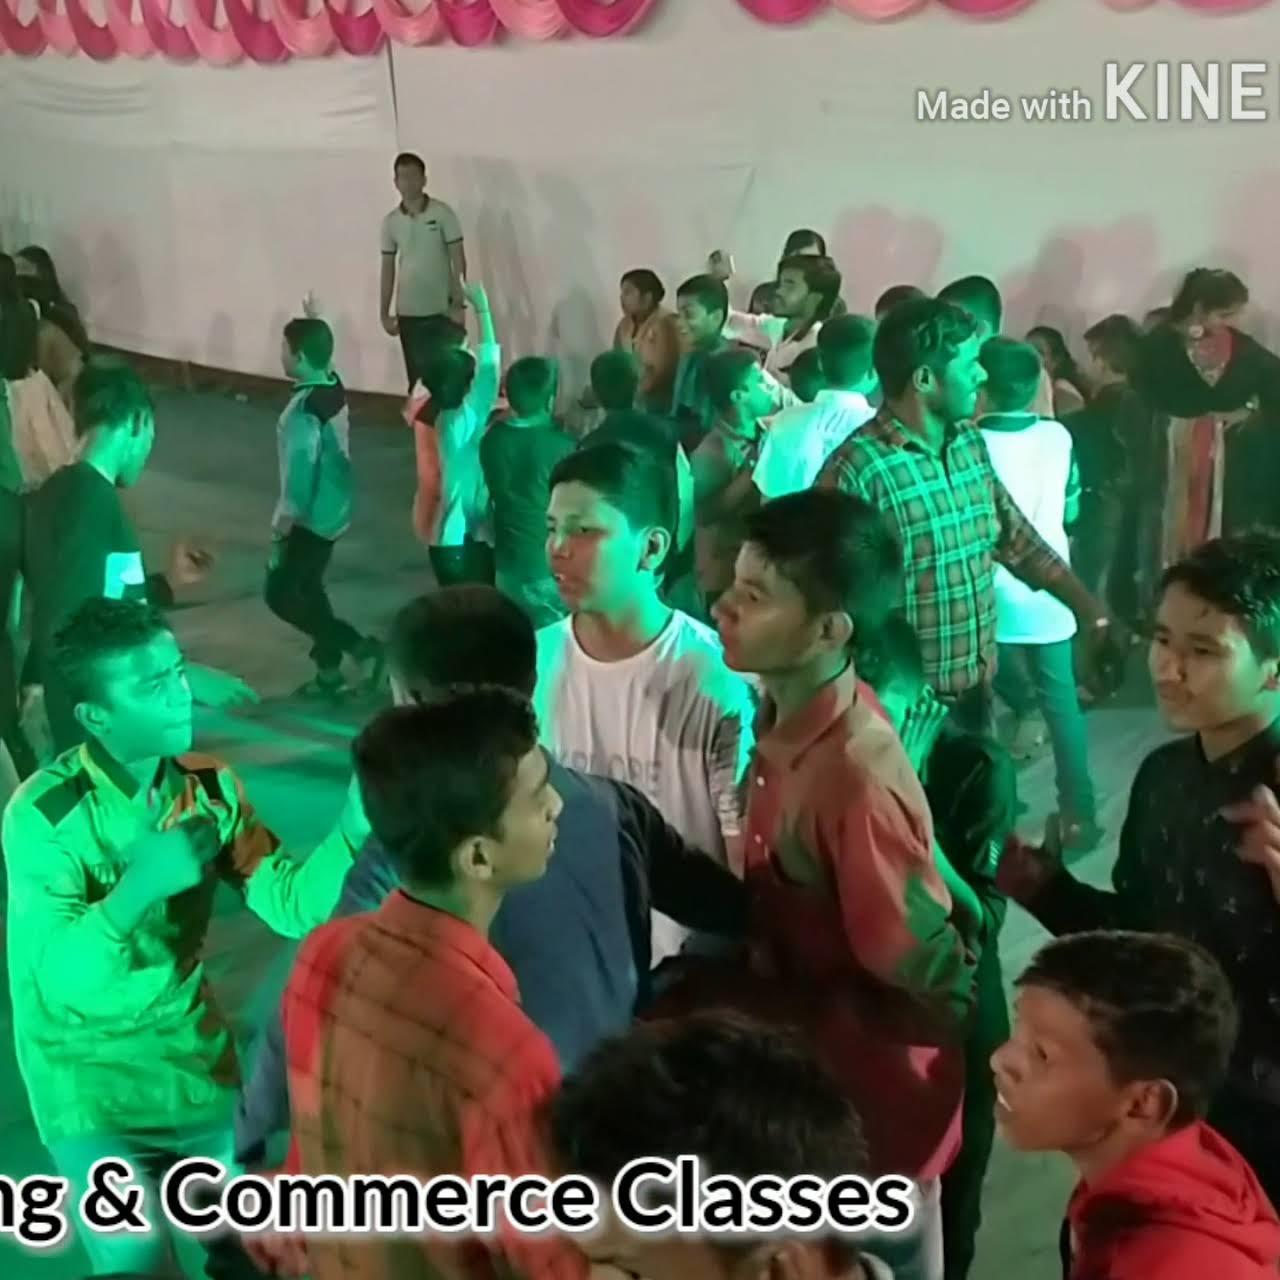 Shiksha Coaching & Commerce classes - Coaching Center in Mumbai